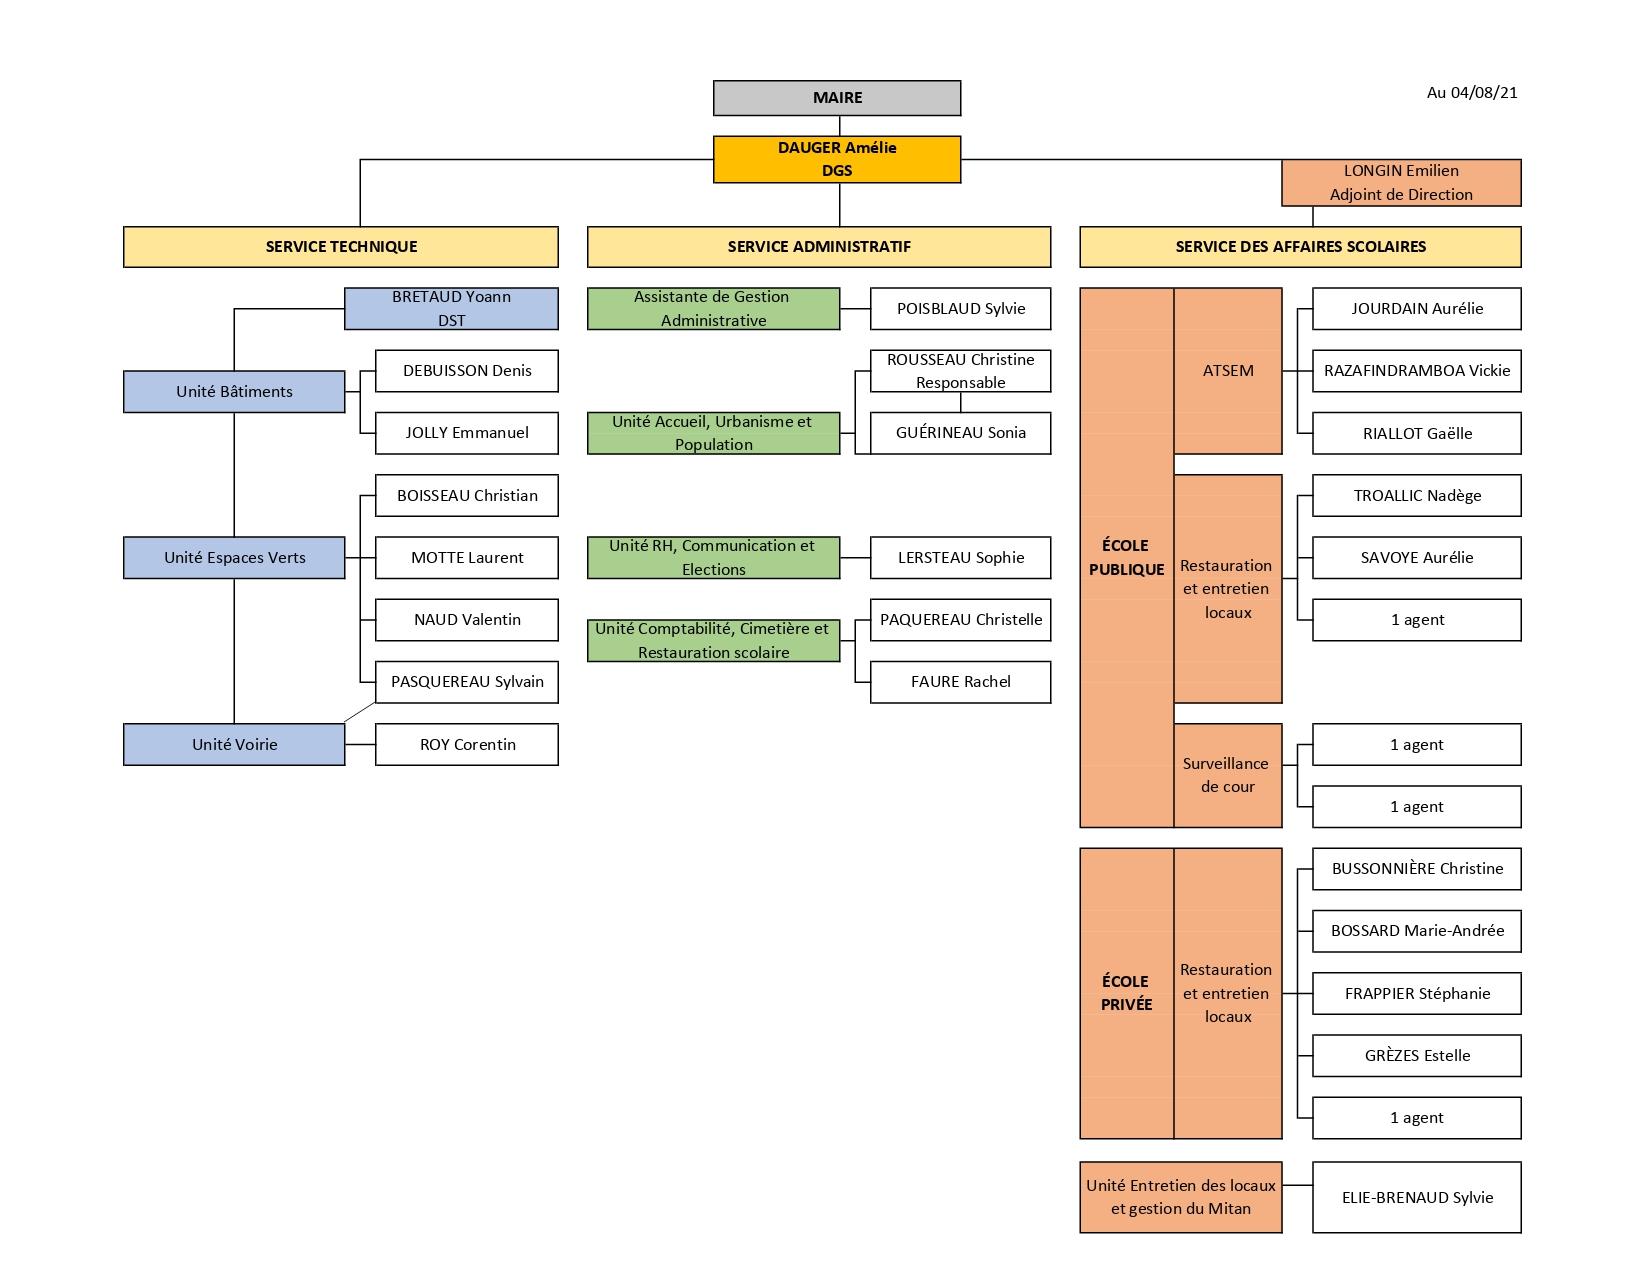 Organigramme services municipaux _1__page-0001.jpg